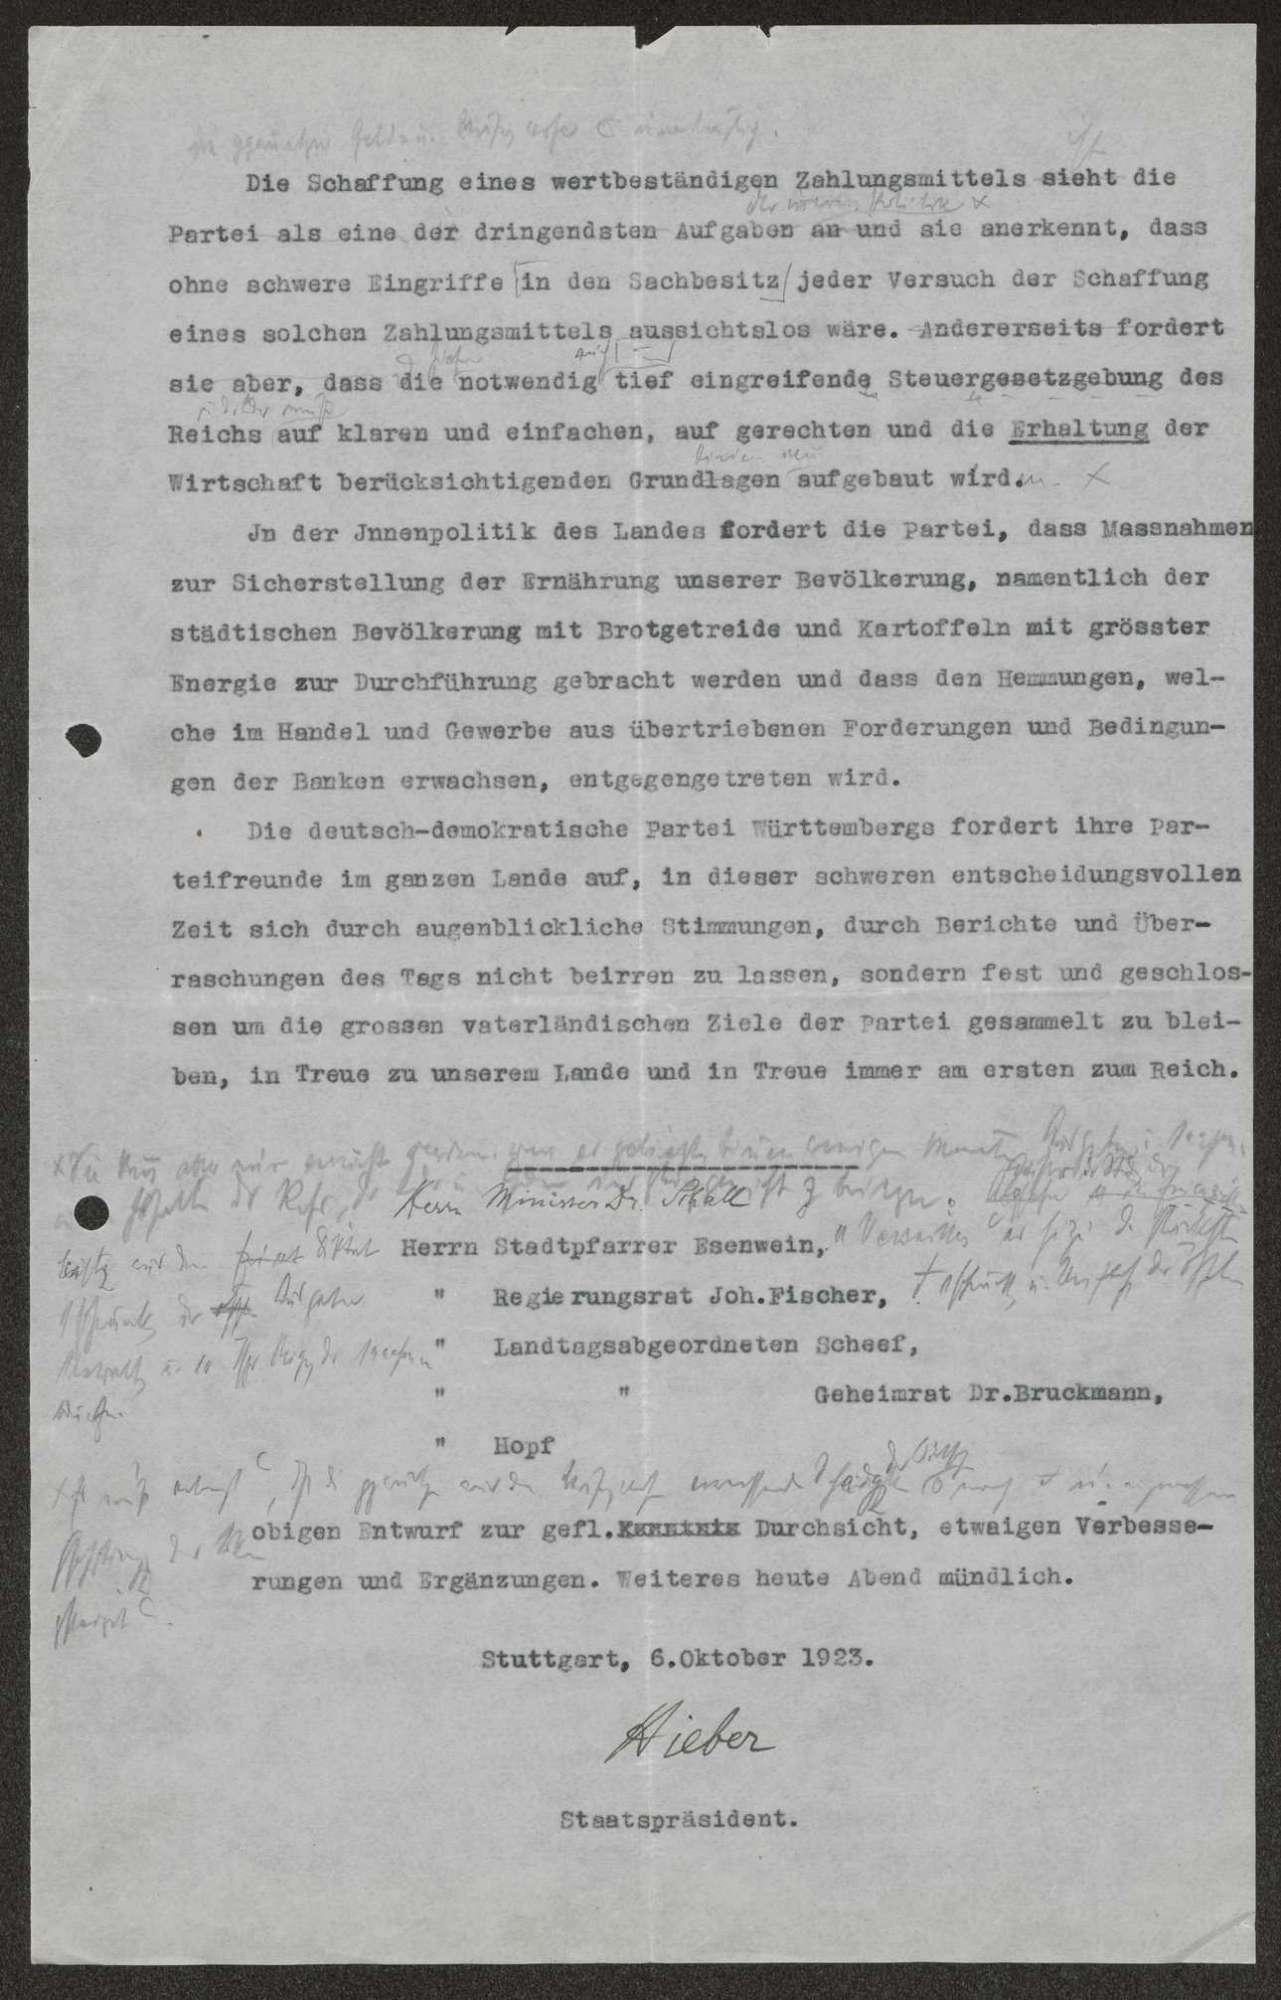 Stellungnahme der DDP zur Aufgabe des passiven Widerstands an Ruhr und Rhein, gezeichnet von Staatspräsident Hieber (mit handschriftlichen Korrekturen Schalls),, Bild 2